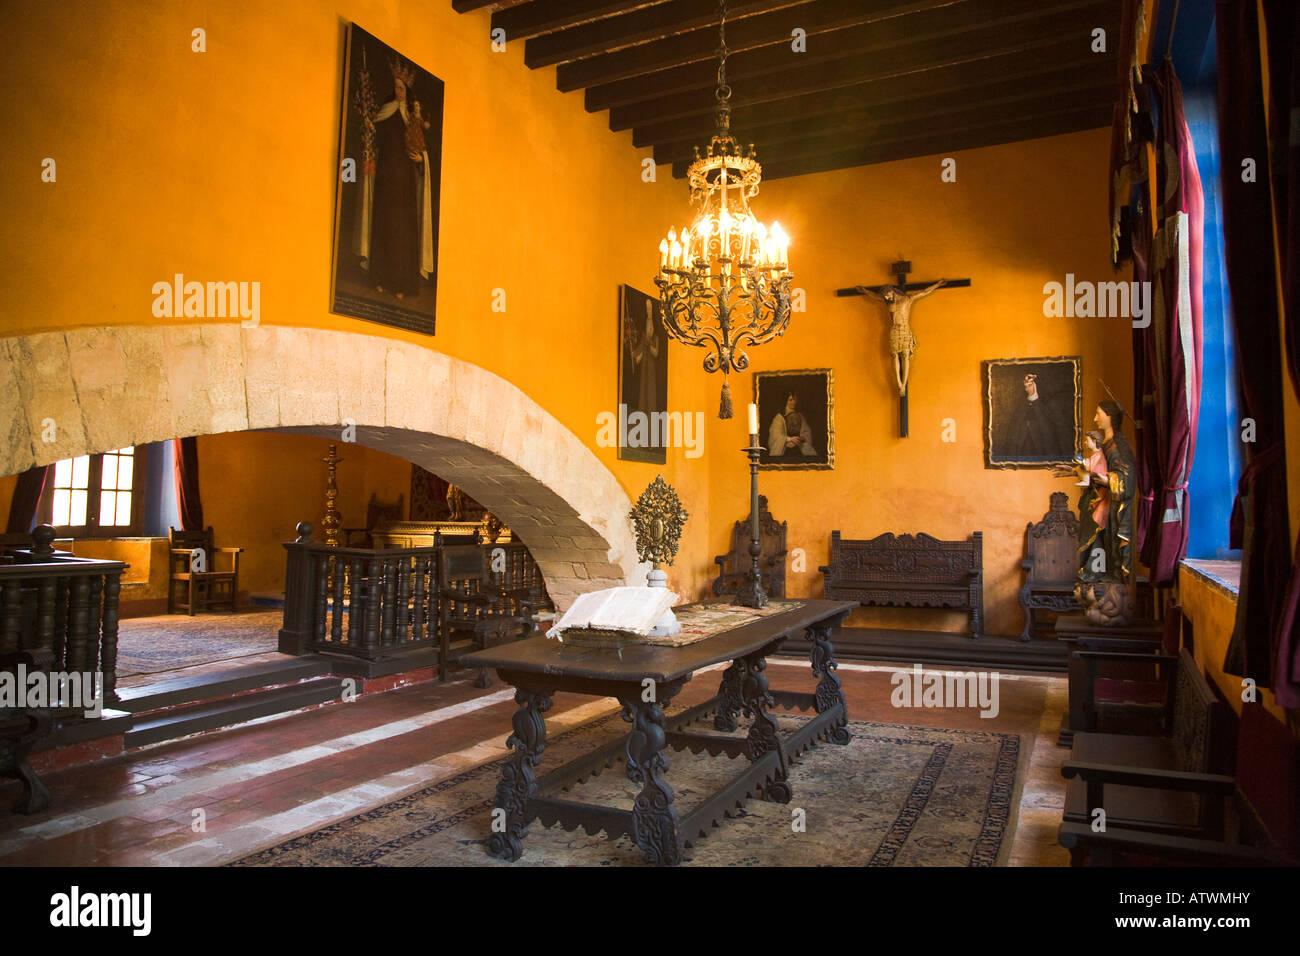 Charming MEXICO Guanajuato Colonial Home Interior Wealthy Silver Baron Furniture And  Period Pieces Ex Hacienda De San